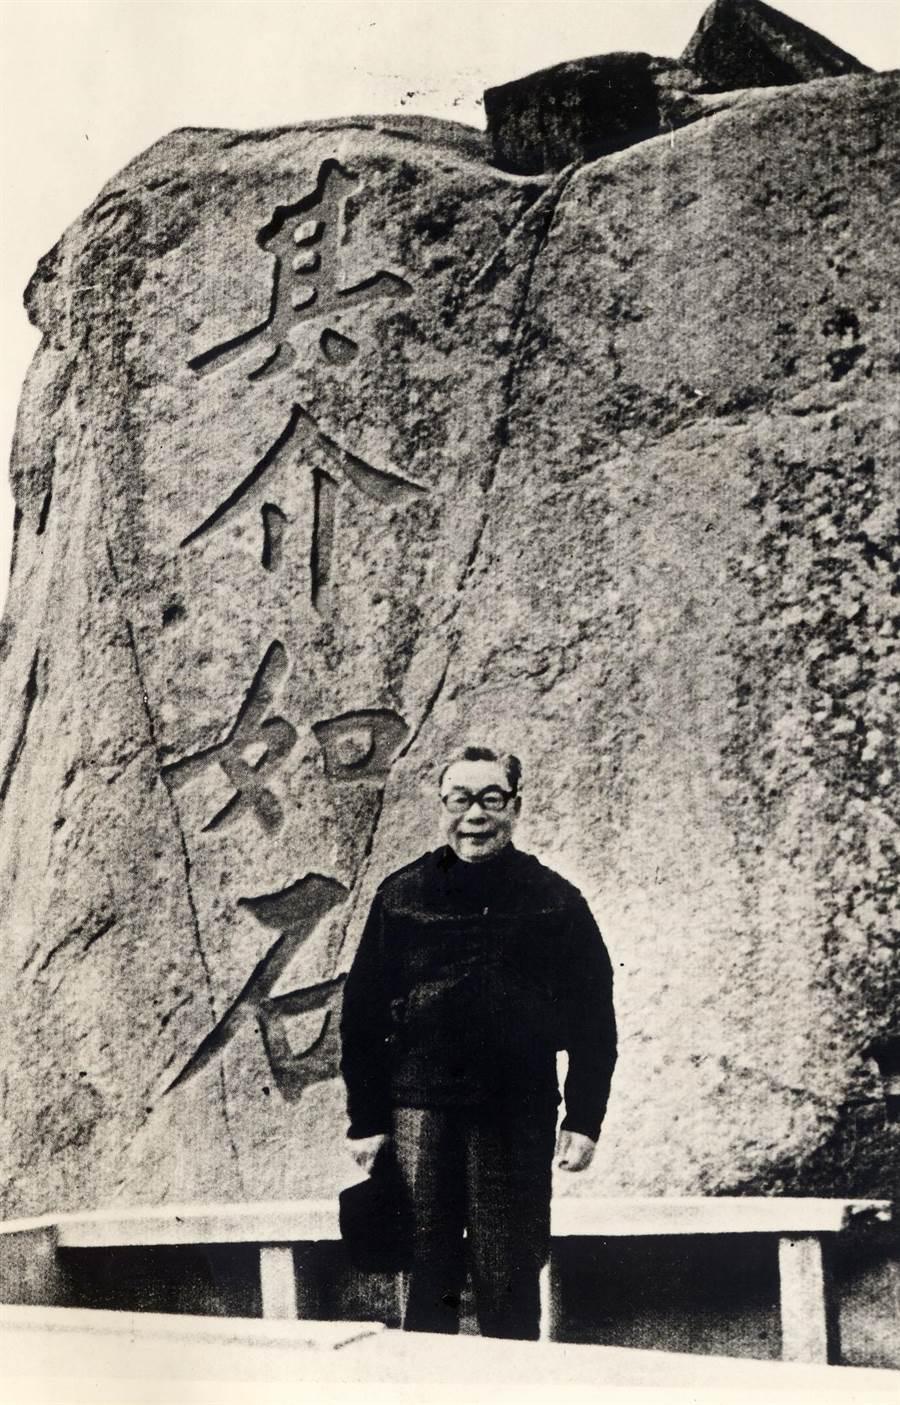 近日有人惡意合成假的韓國瑜與蔣經國合照。圖為1977年04月04日/蔣經國站在馬祖東引其父蔣中正手墨「其介如石」的海濱巨石前。(中央社攝)